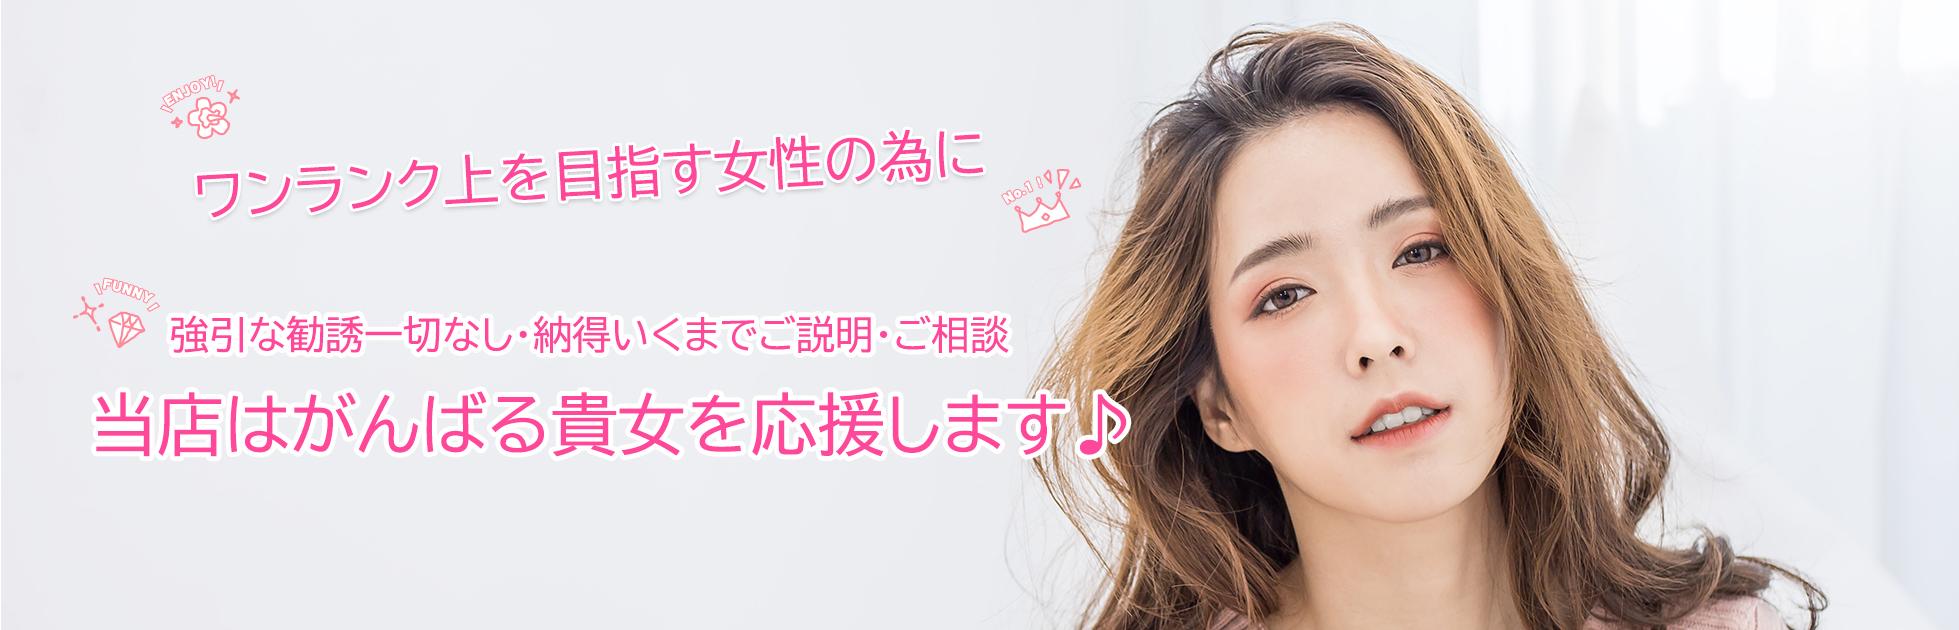 松島新地求人.com